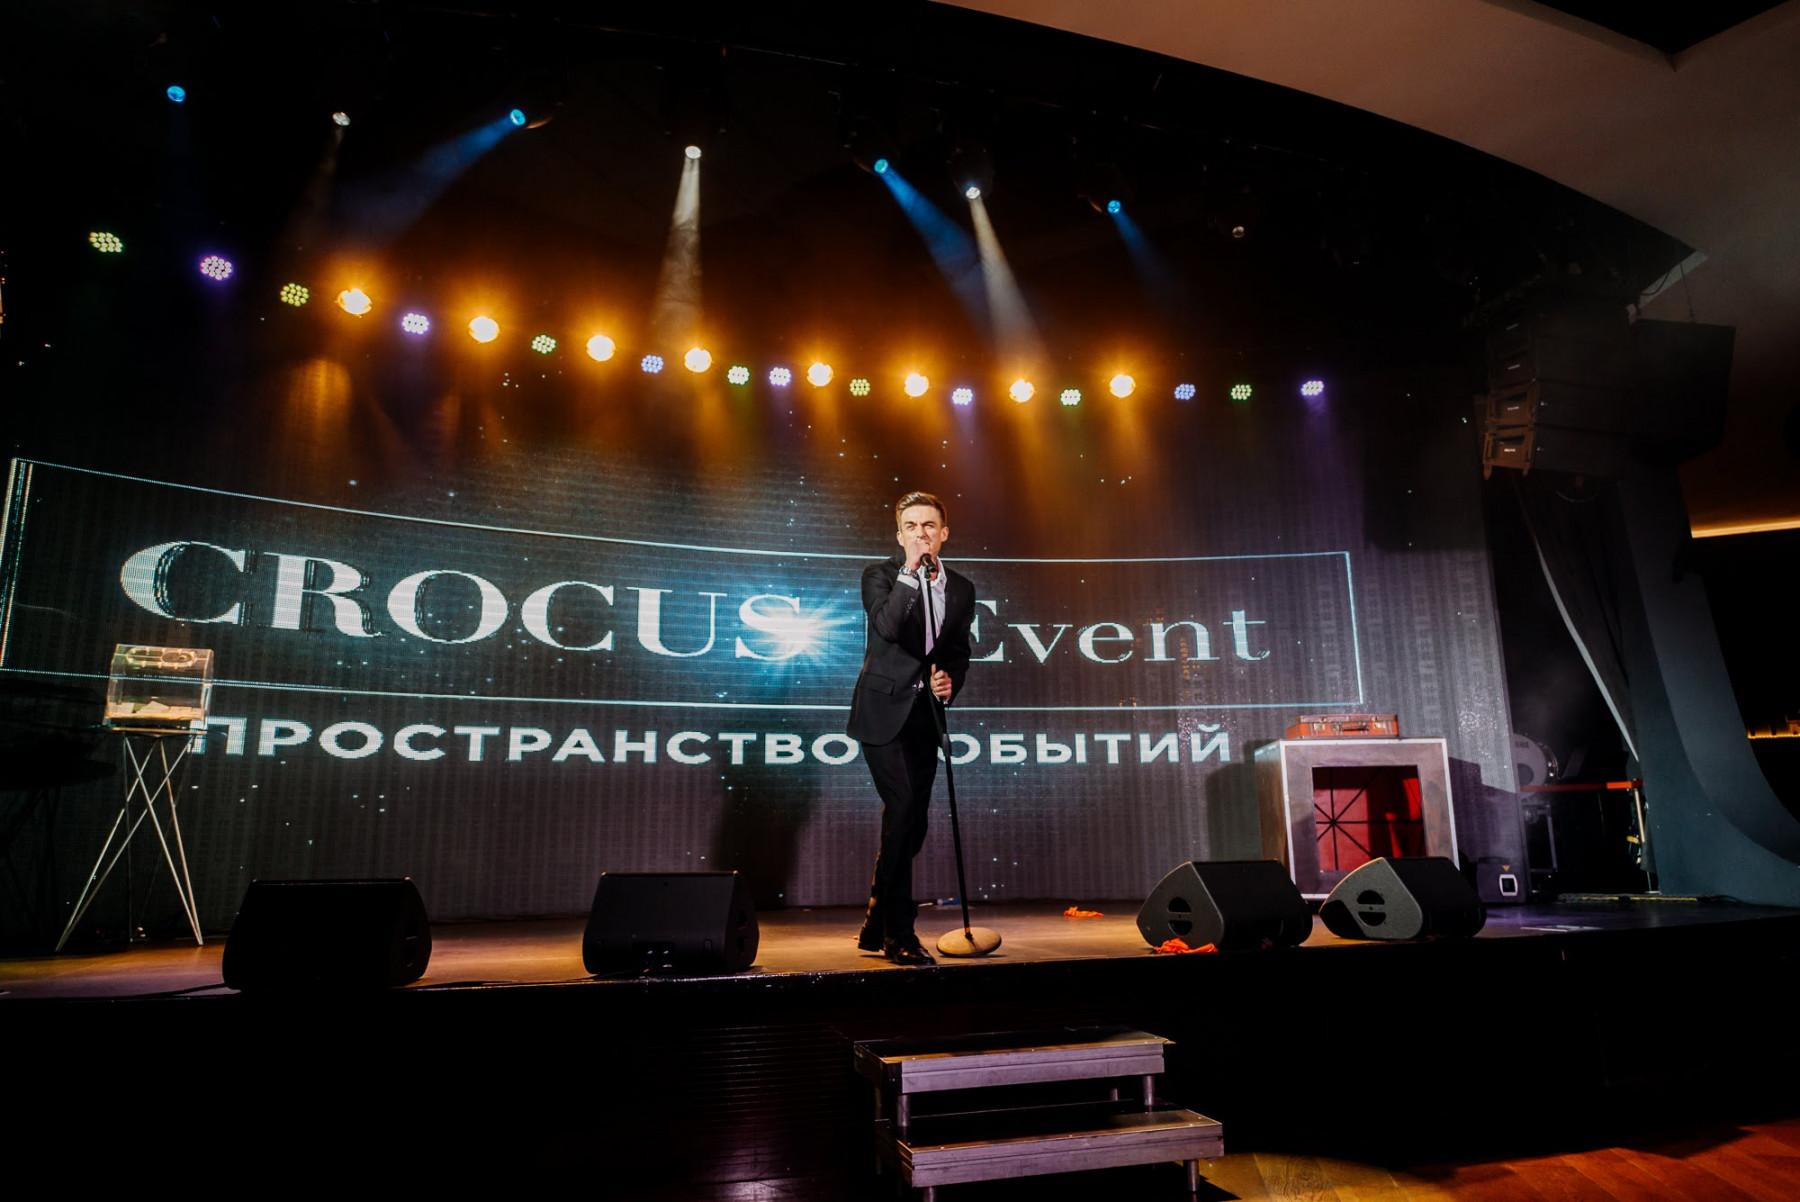 Презентация Crocus Event: новая структура от самого